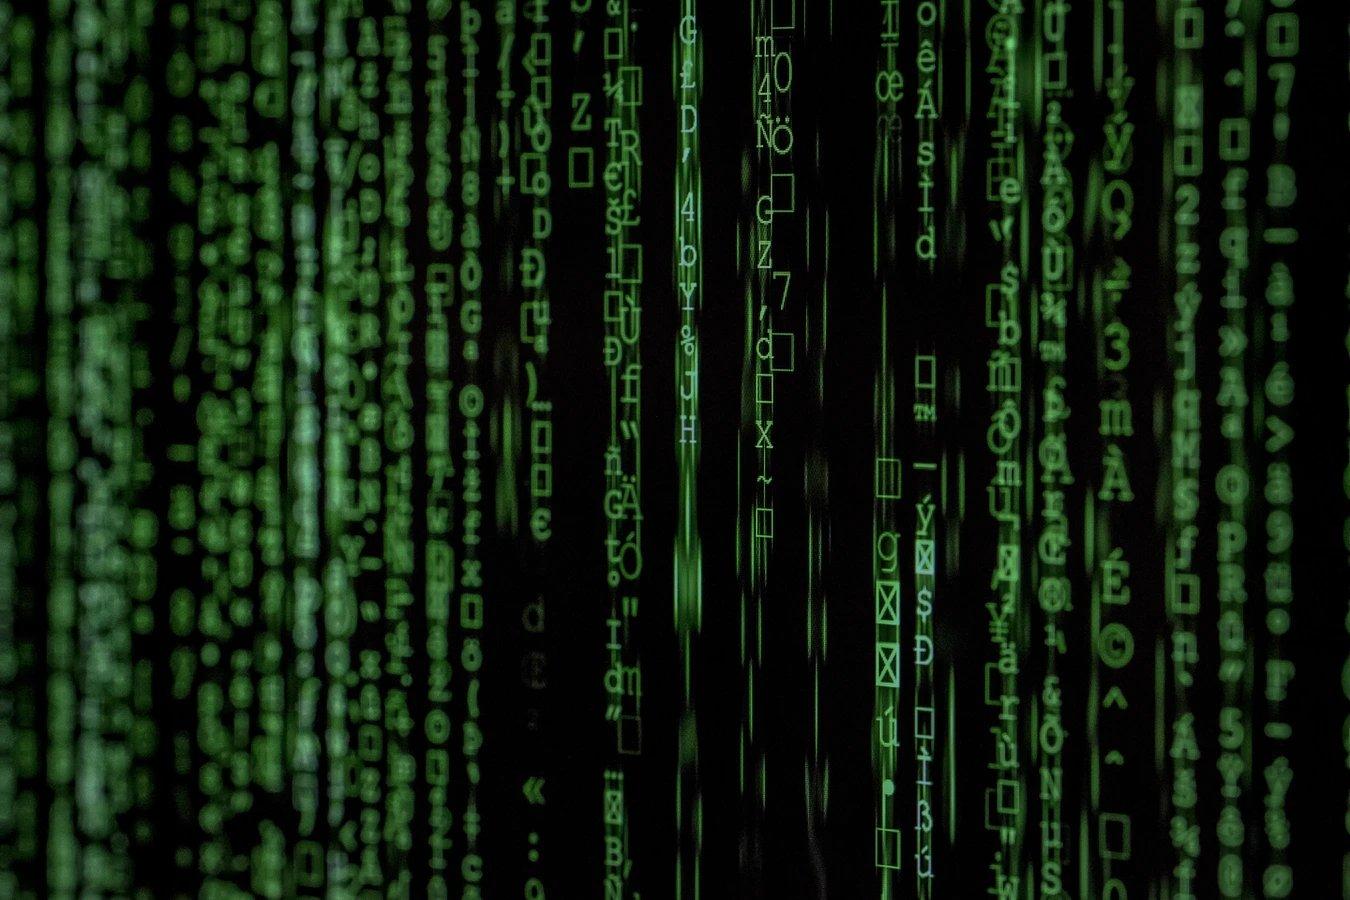 Código malicioso em ecrã